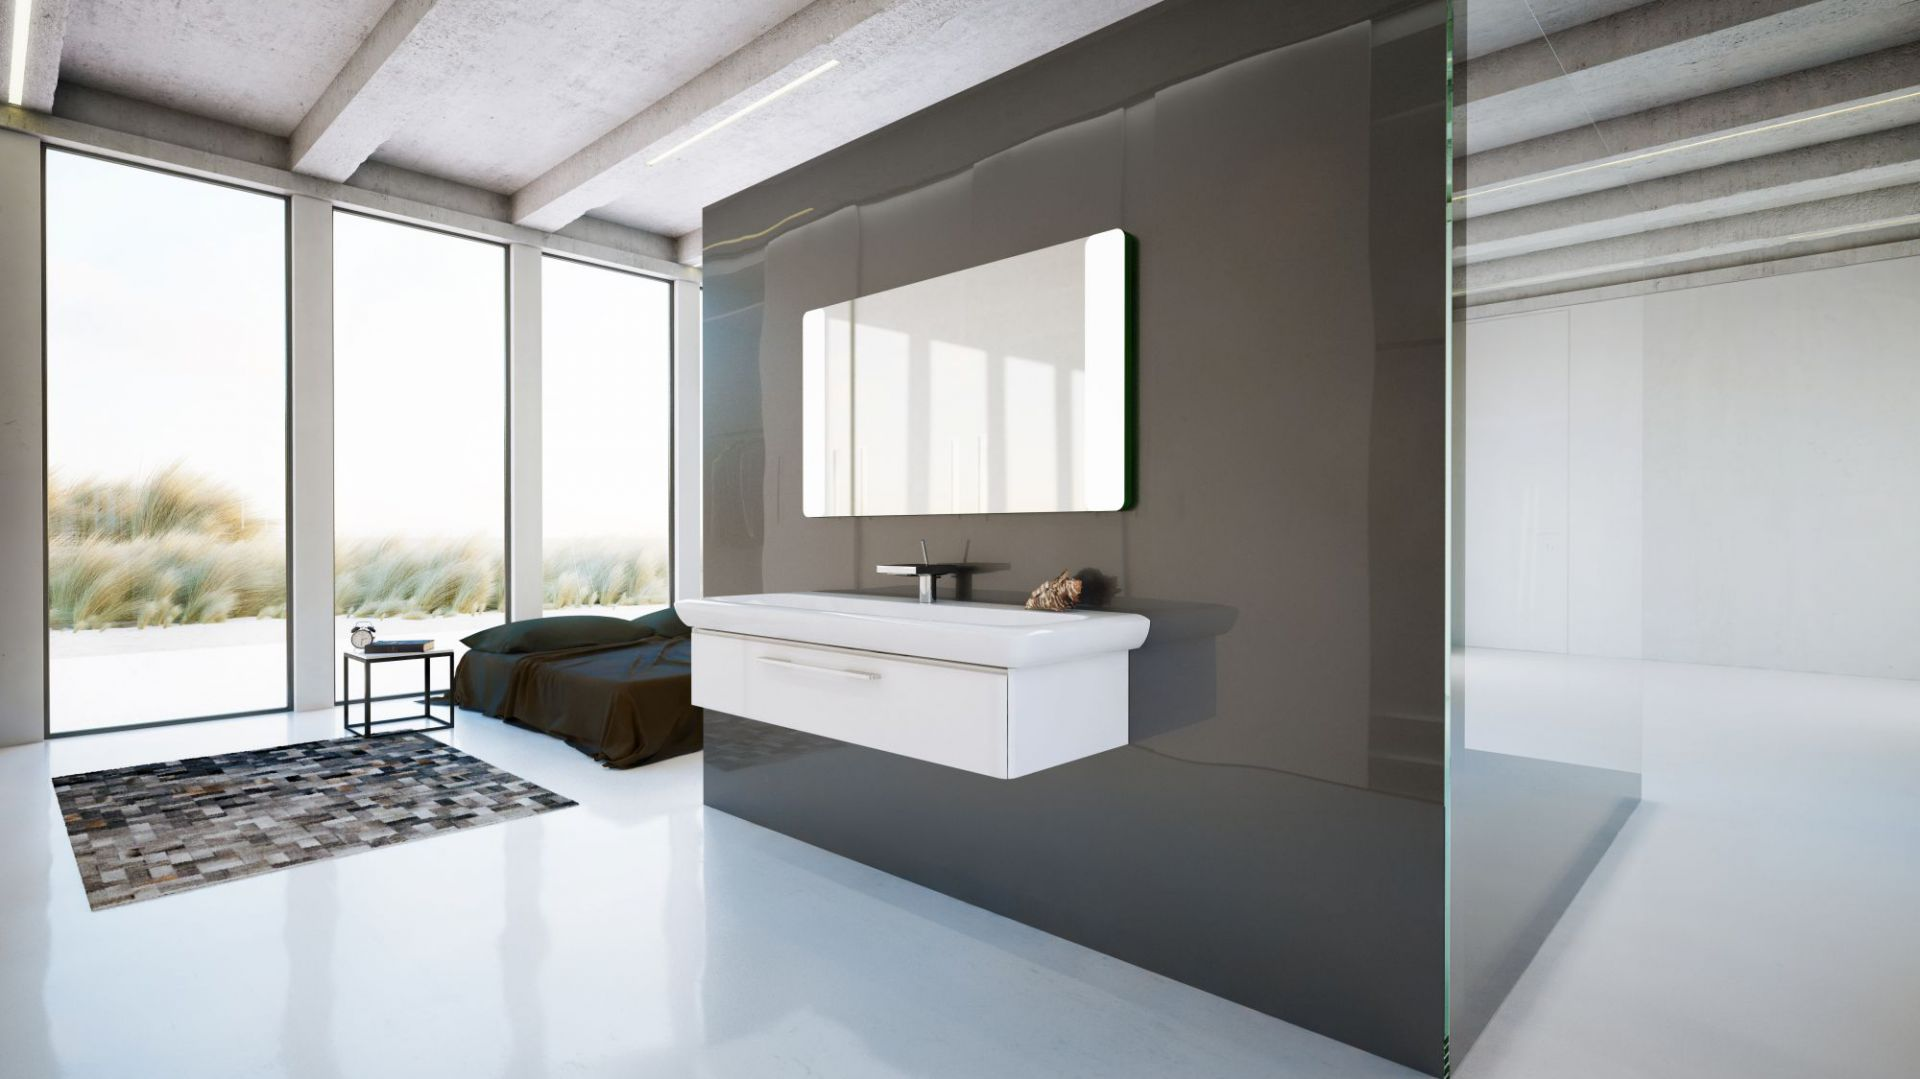 Aranżacja łazienki: wybierz minimalistyczne wnętrze. Fot. Koło